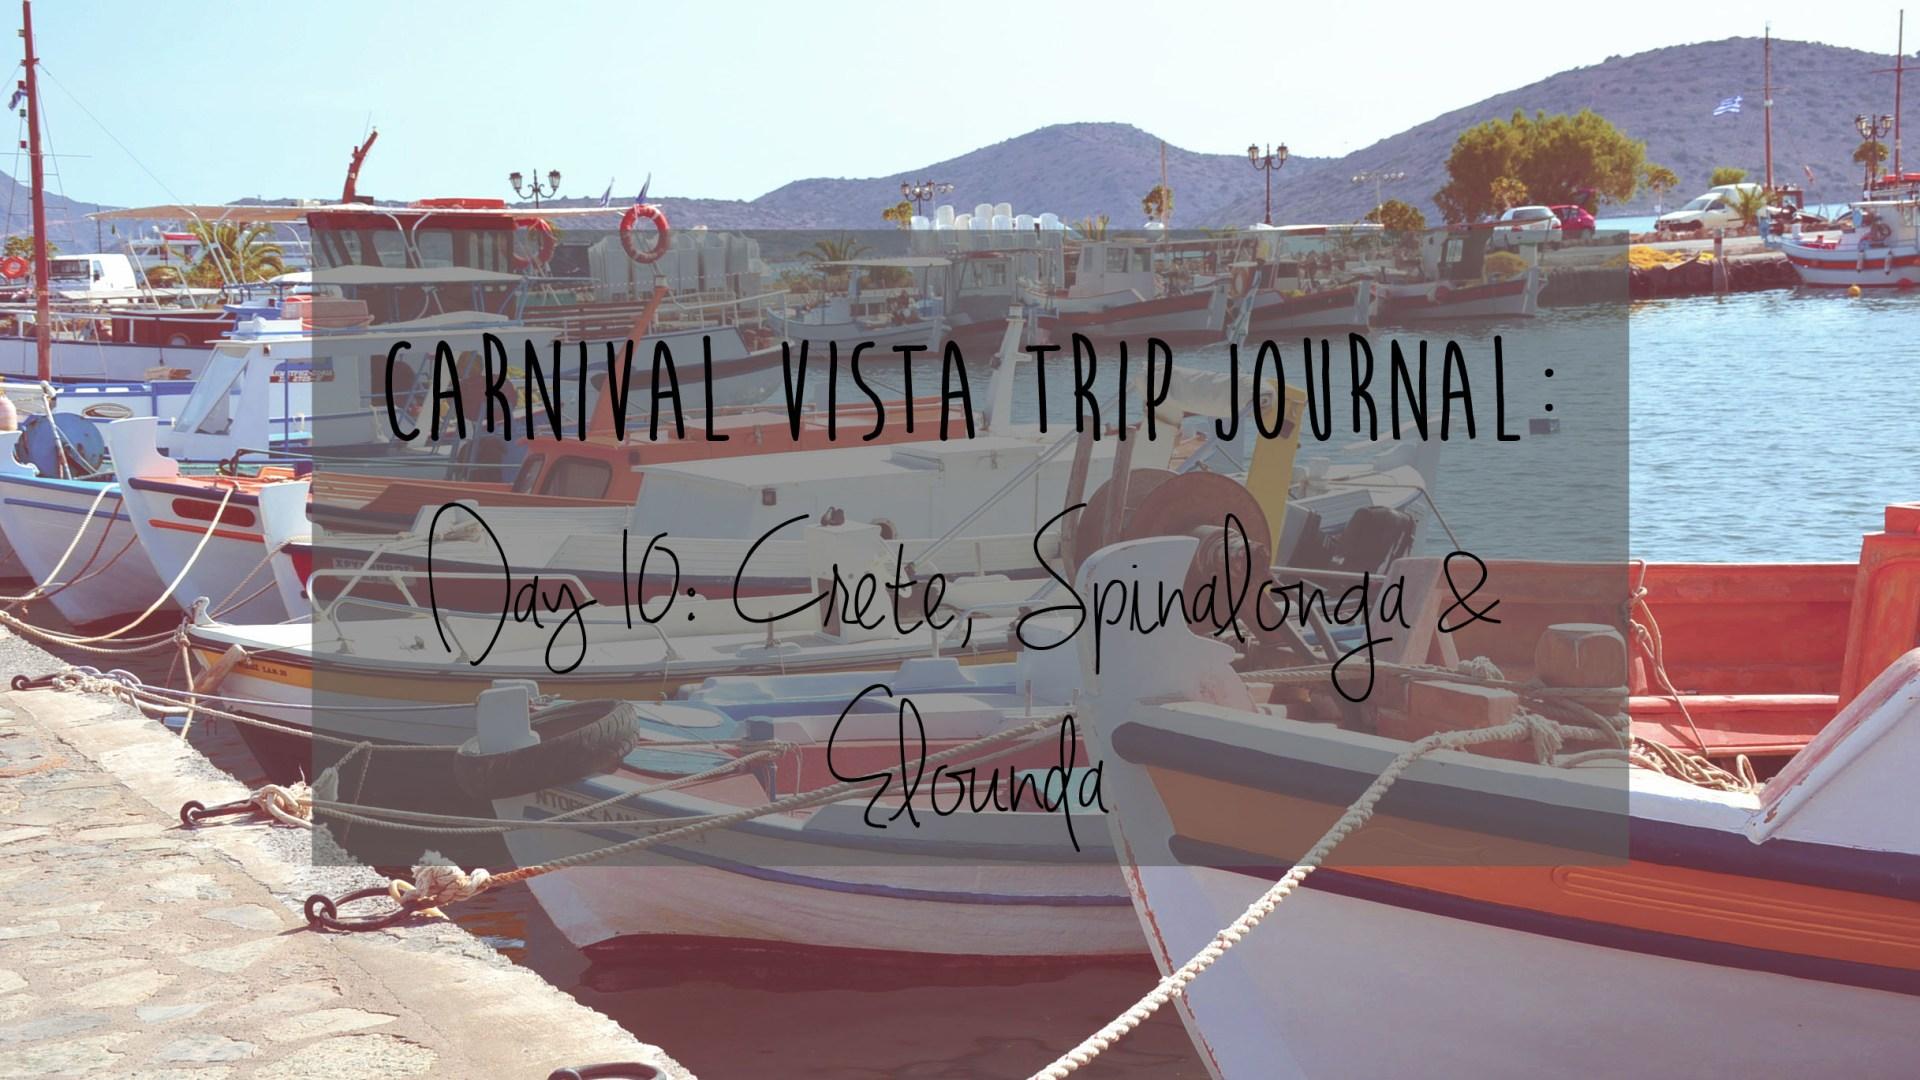 Carnival Vista Review: Day 10 – Crete, Spinalonga & Elounda